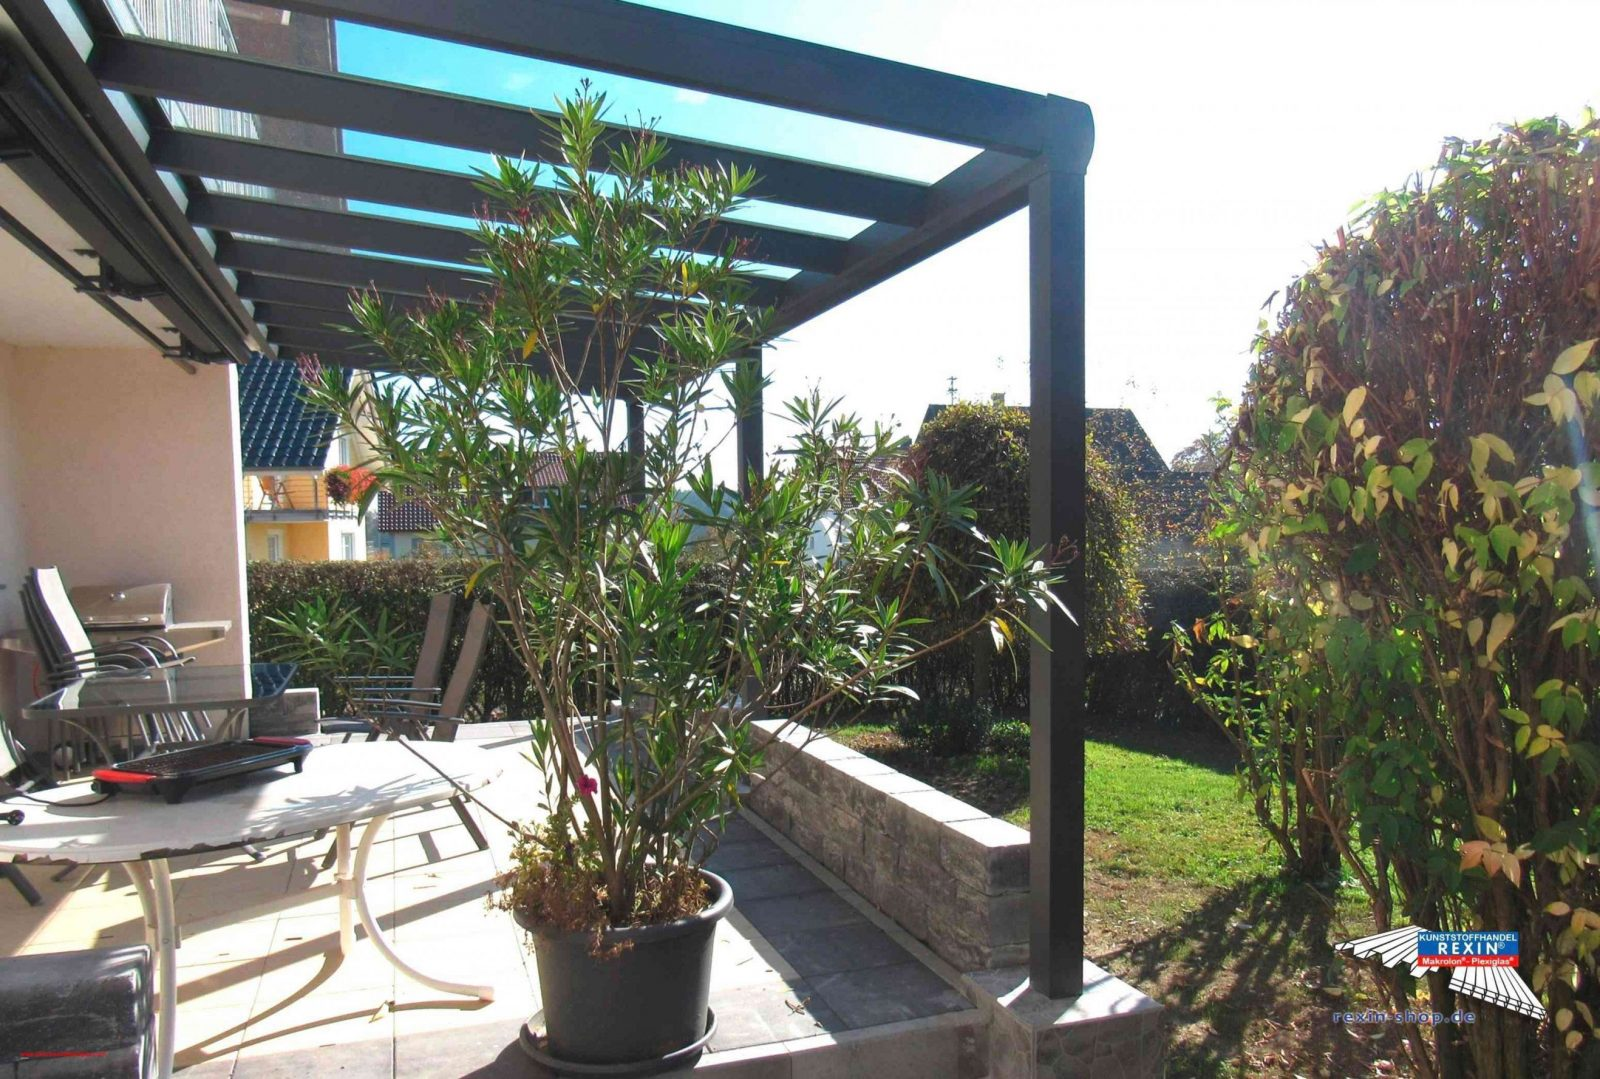 Beautiful Balkon Gestalten Mit Wenig Geld Want von Balkon Gestalten Mit Wenig Geld Bild